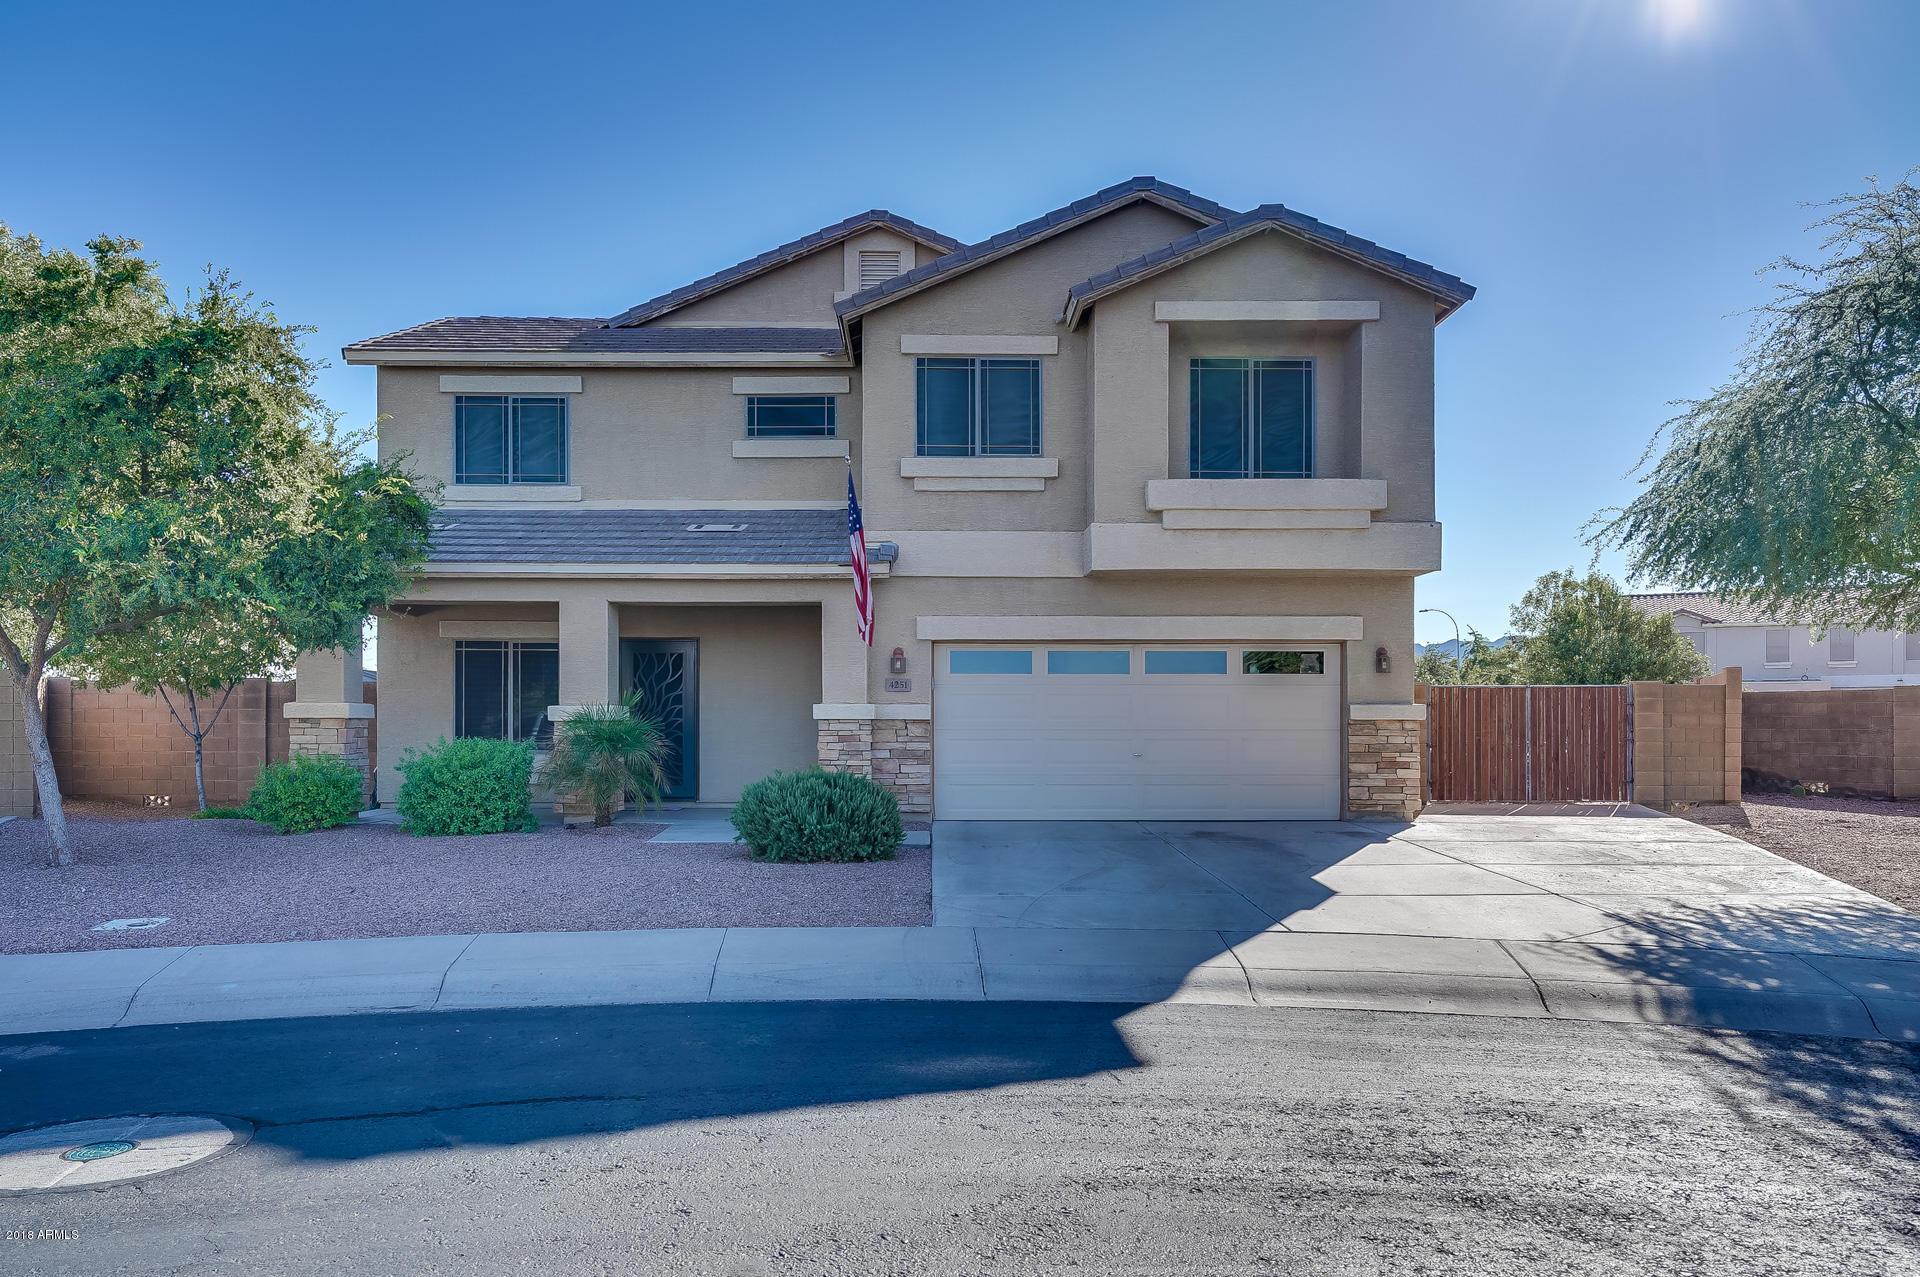 MLS 5835312 4251 E WINGED FOOT Place, Chandler, AZ 85249 Chandler AZ Sun Groves